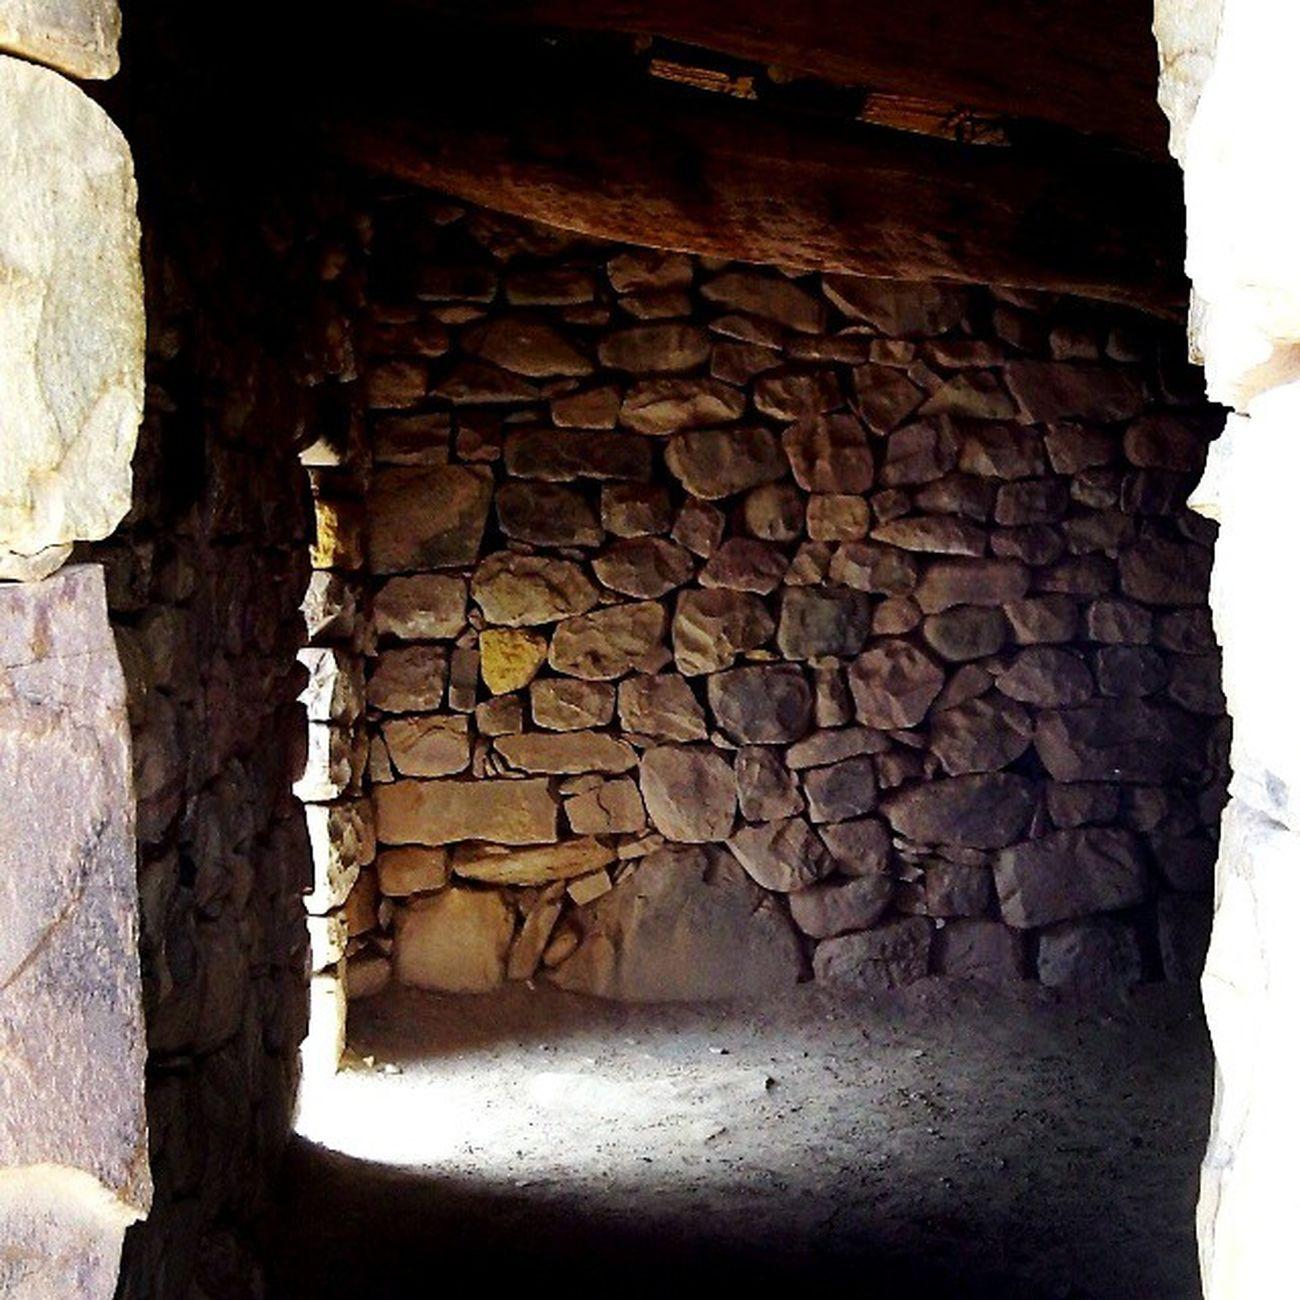 Vivienda en el Pucará de Tillcara, Jujuy Pucara Tilcara Jujuy PueblosOriginarios America Amerindios